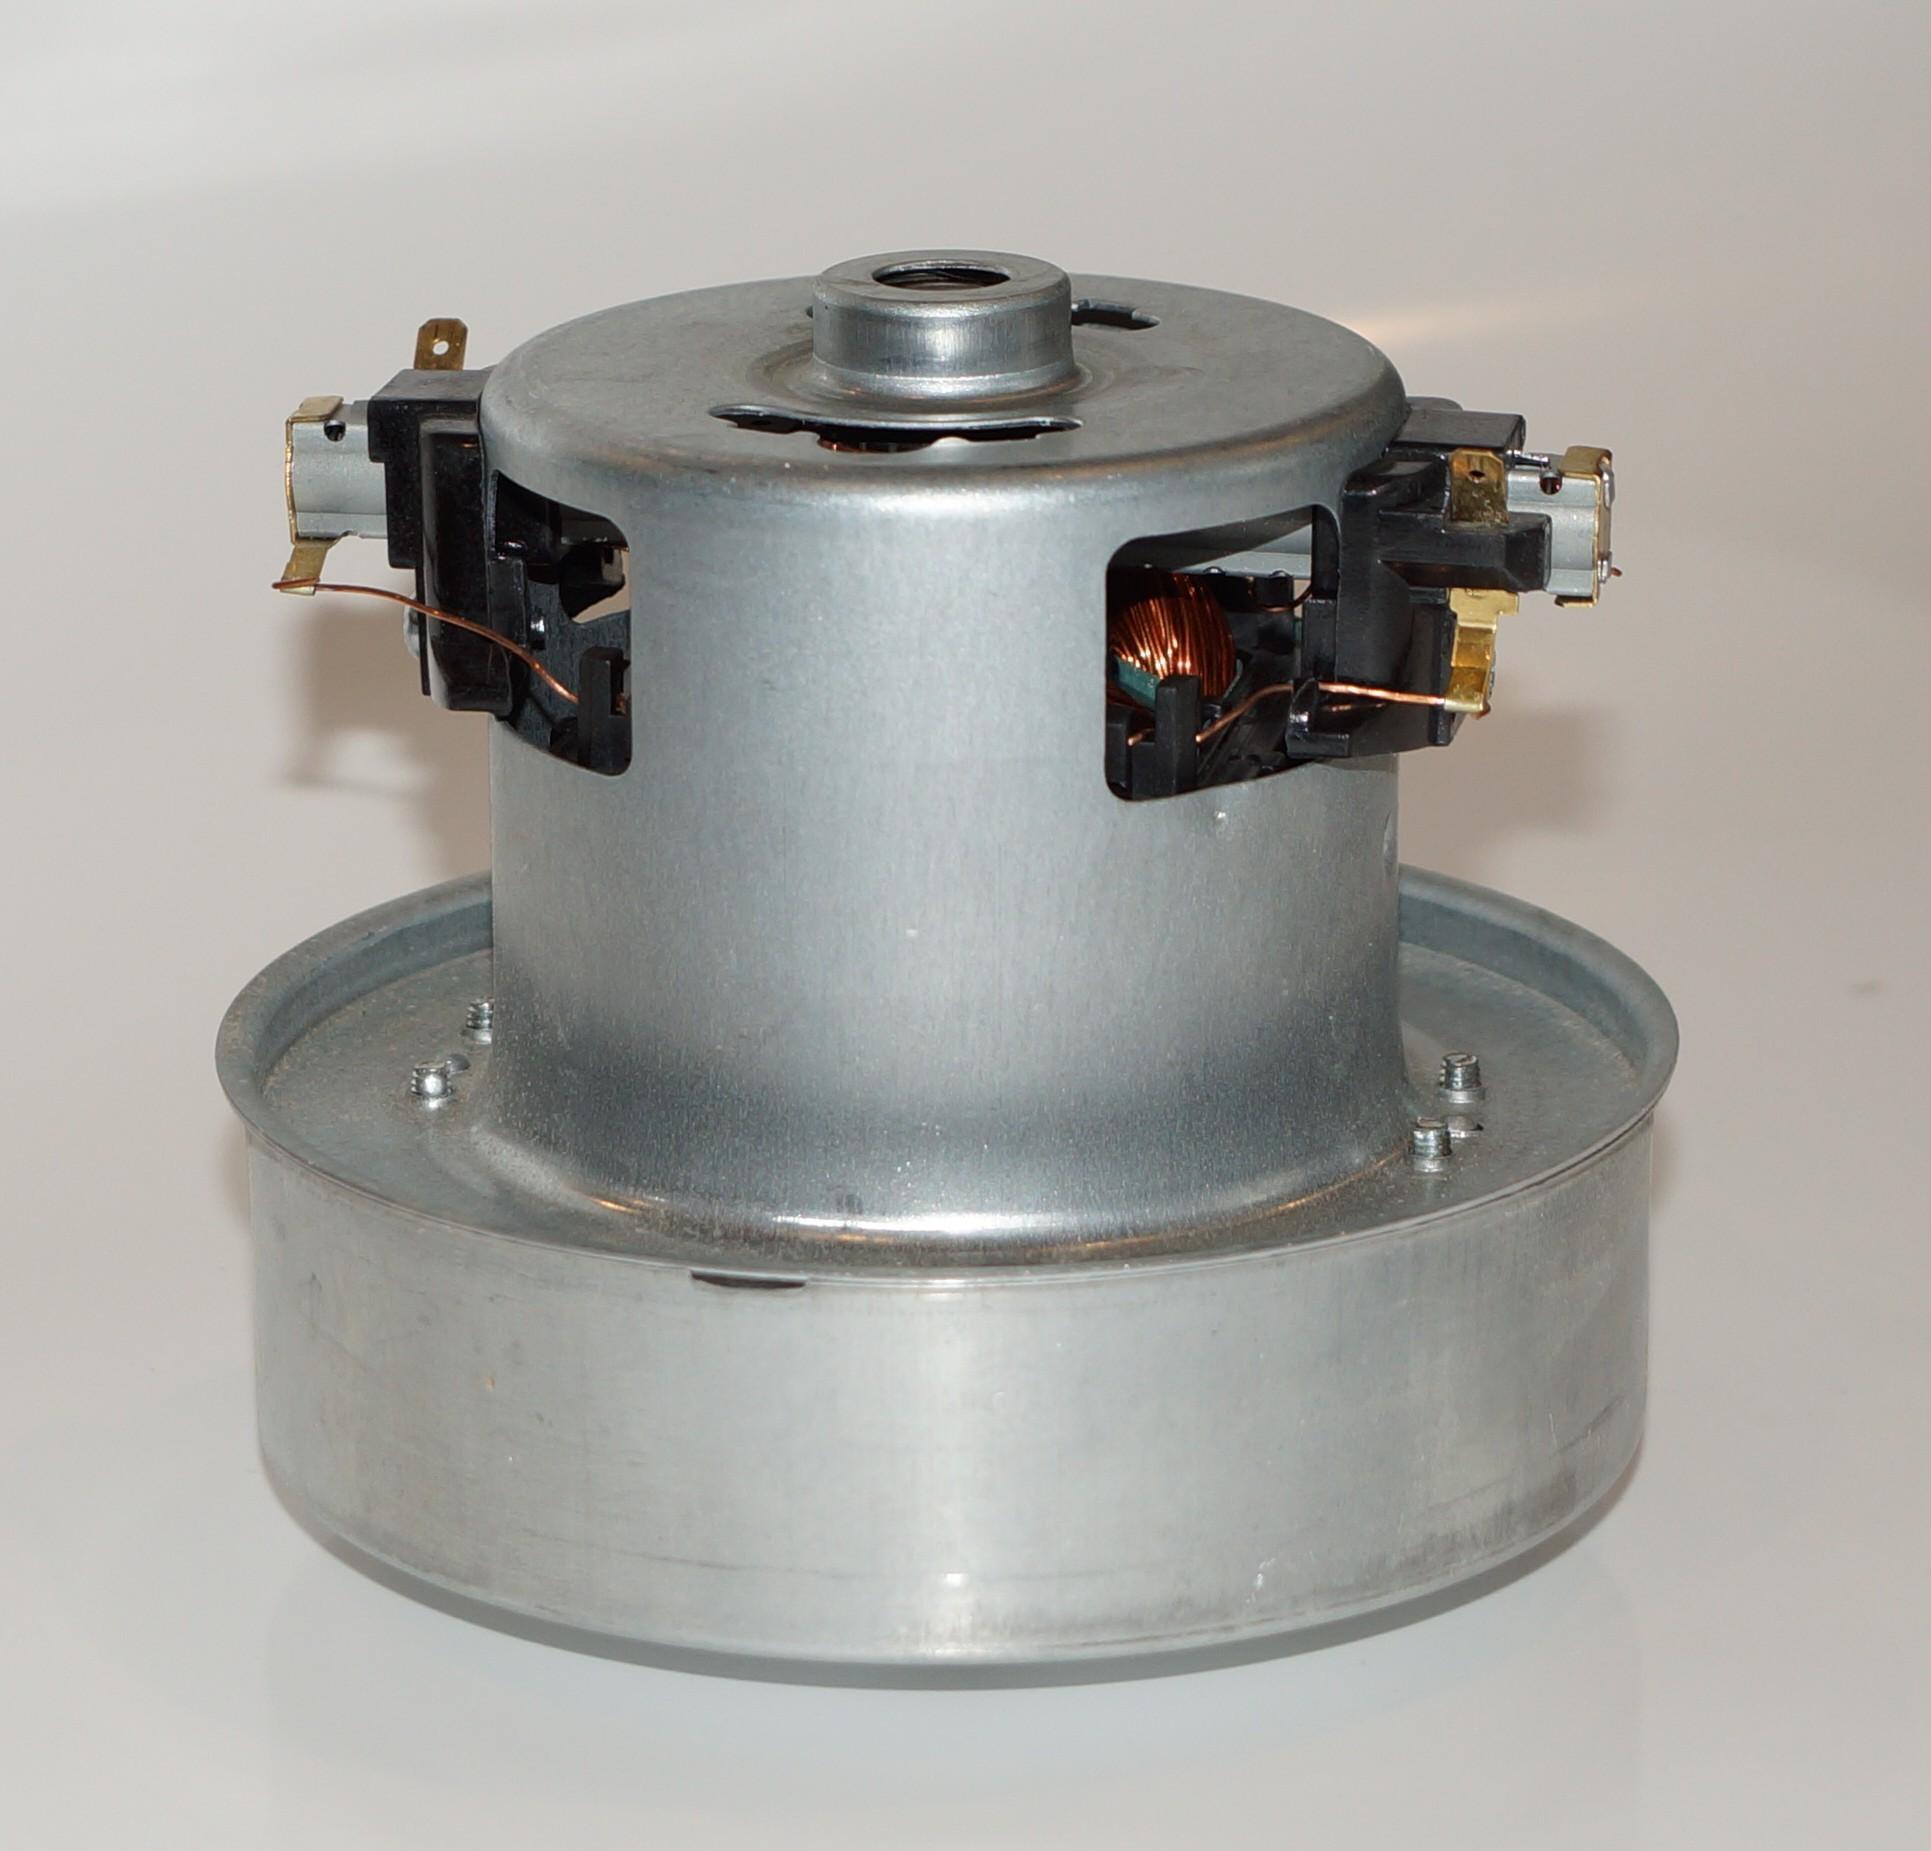 Двигатель /мотор пылесоса универсальный (VC07W36FUP, HX-1200, YDC01-12, PA1200) 1200W H-115мм; D-130мм.